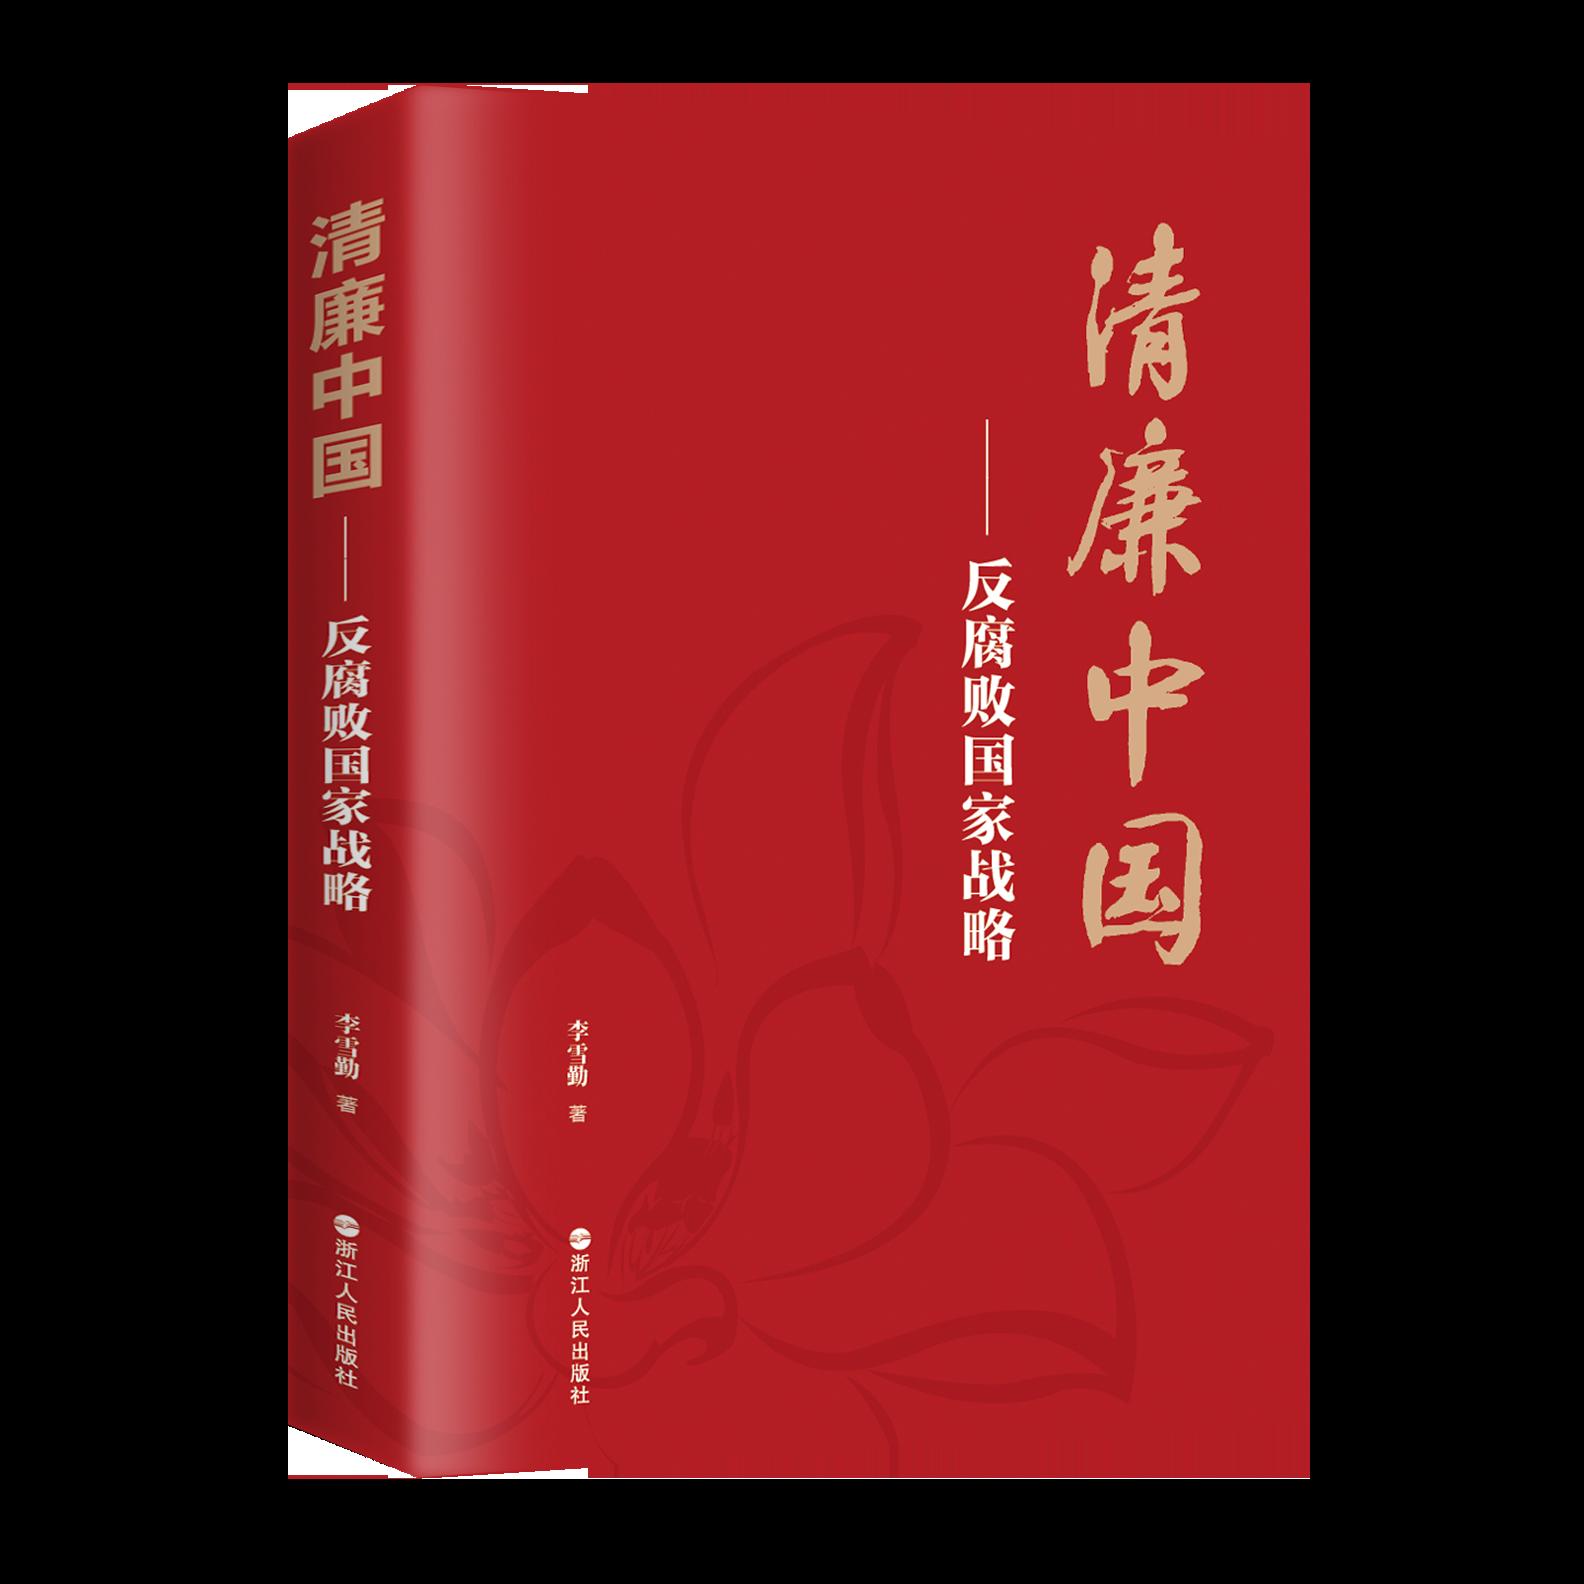 《清廉中国——反腐败国家战略》出版,亲历者和见证者解读清廉中国建设-出版人杂志官网